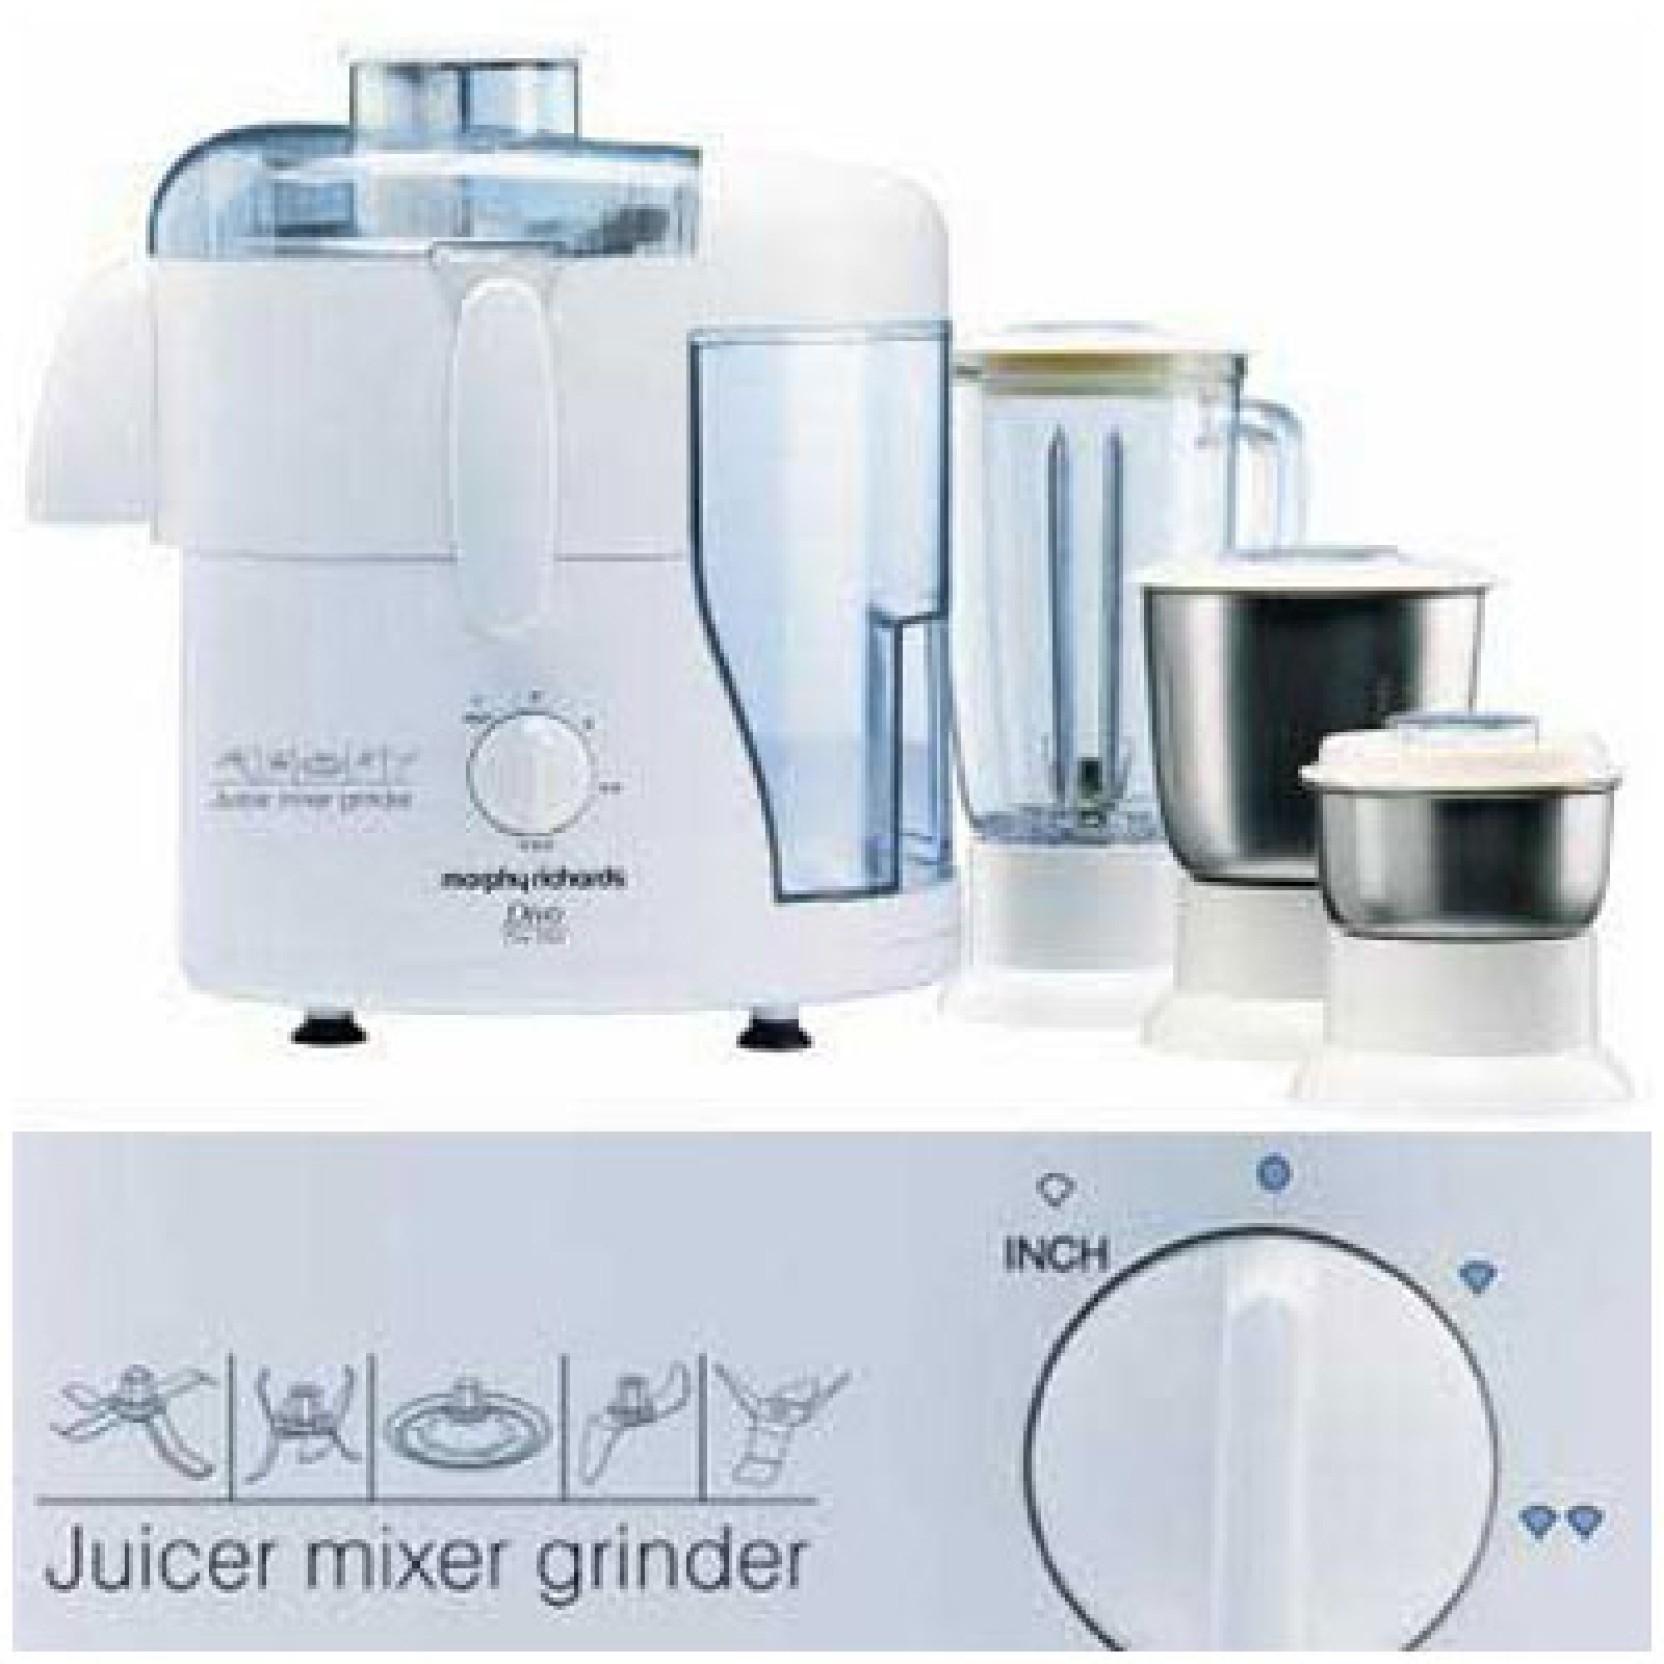 Morphy Richards Mixer Grinder Juicer: The Star 500 W Juicer Mixer Grinder